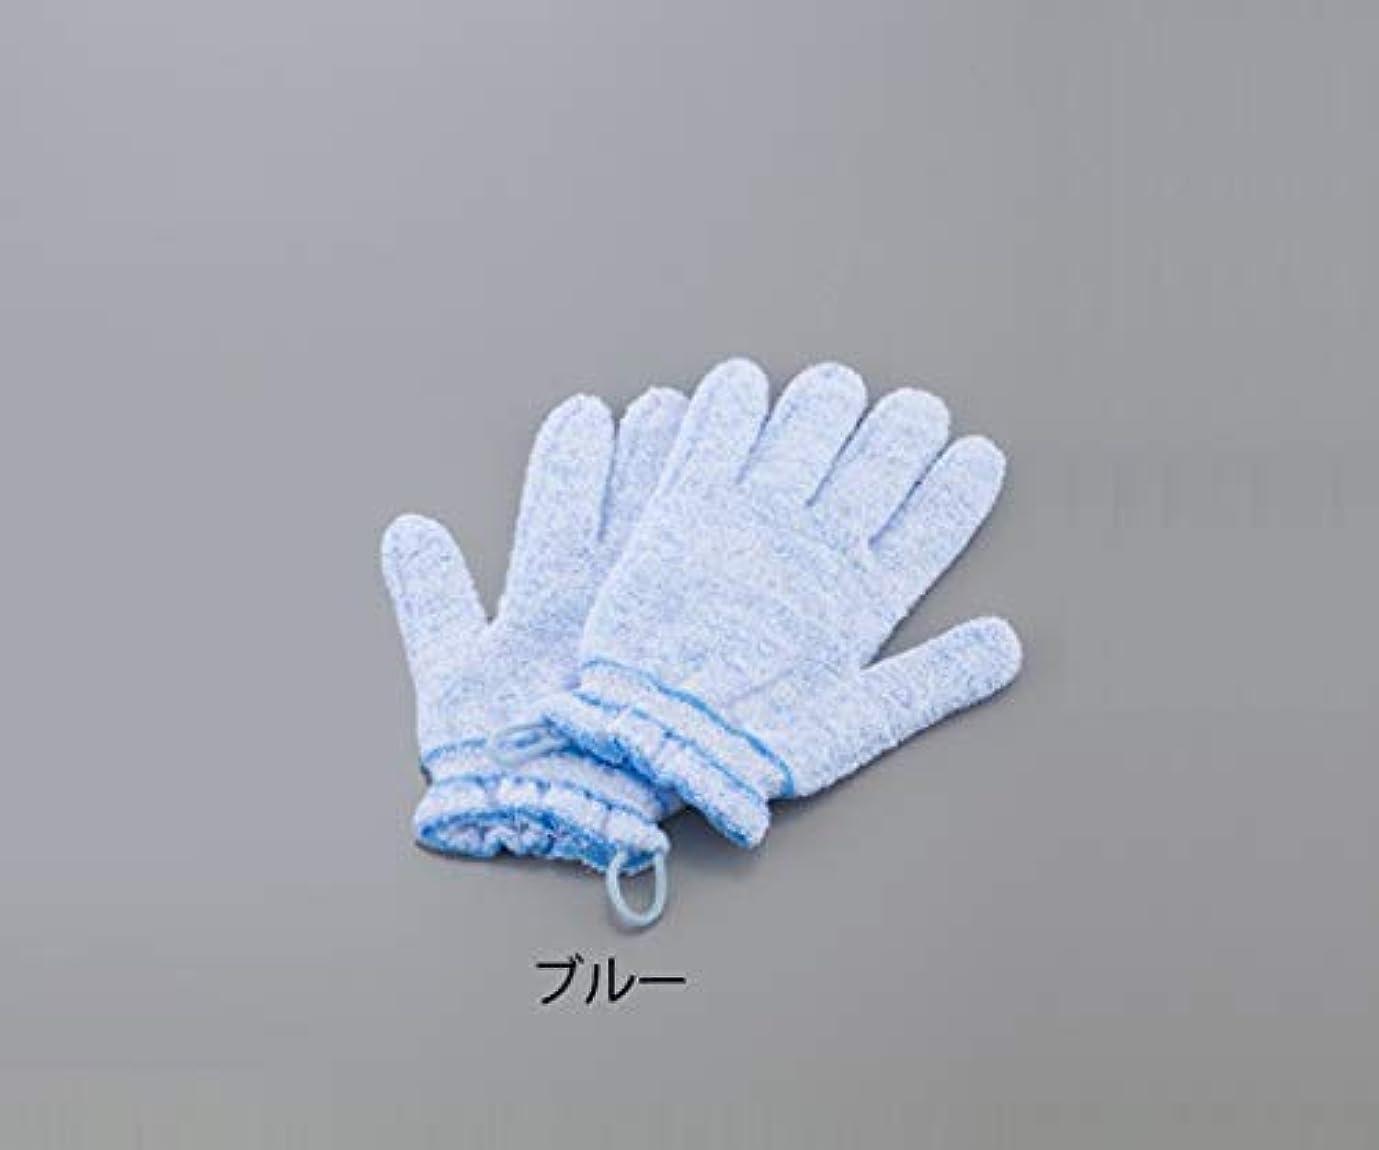 関与する私たち自身アカウント0-4015-02浴用手袋(やさしい手)ブルー